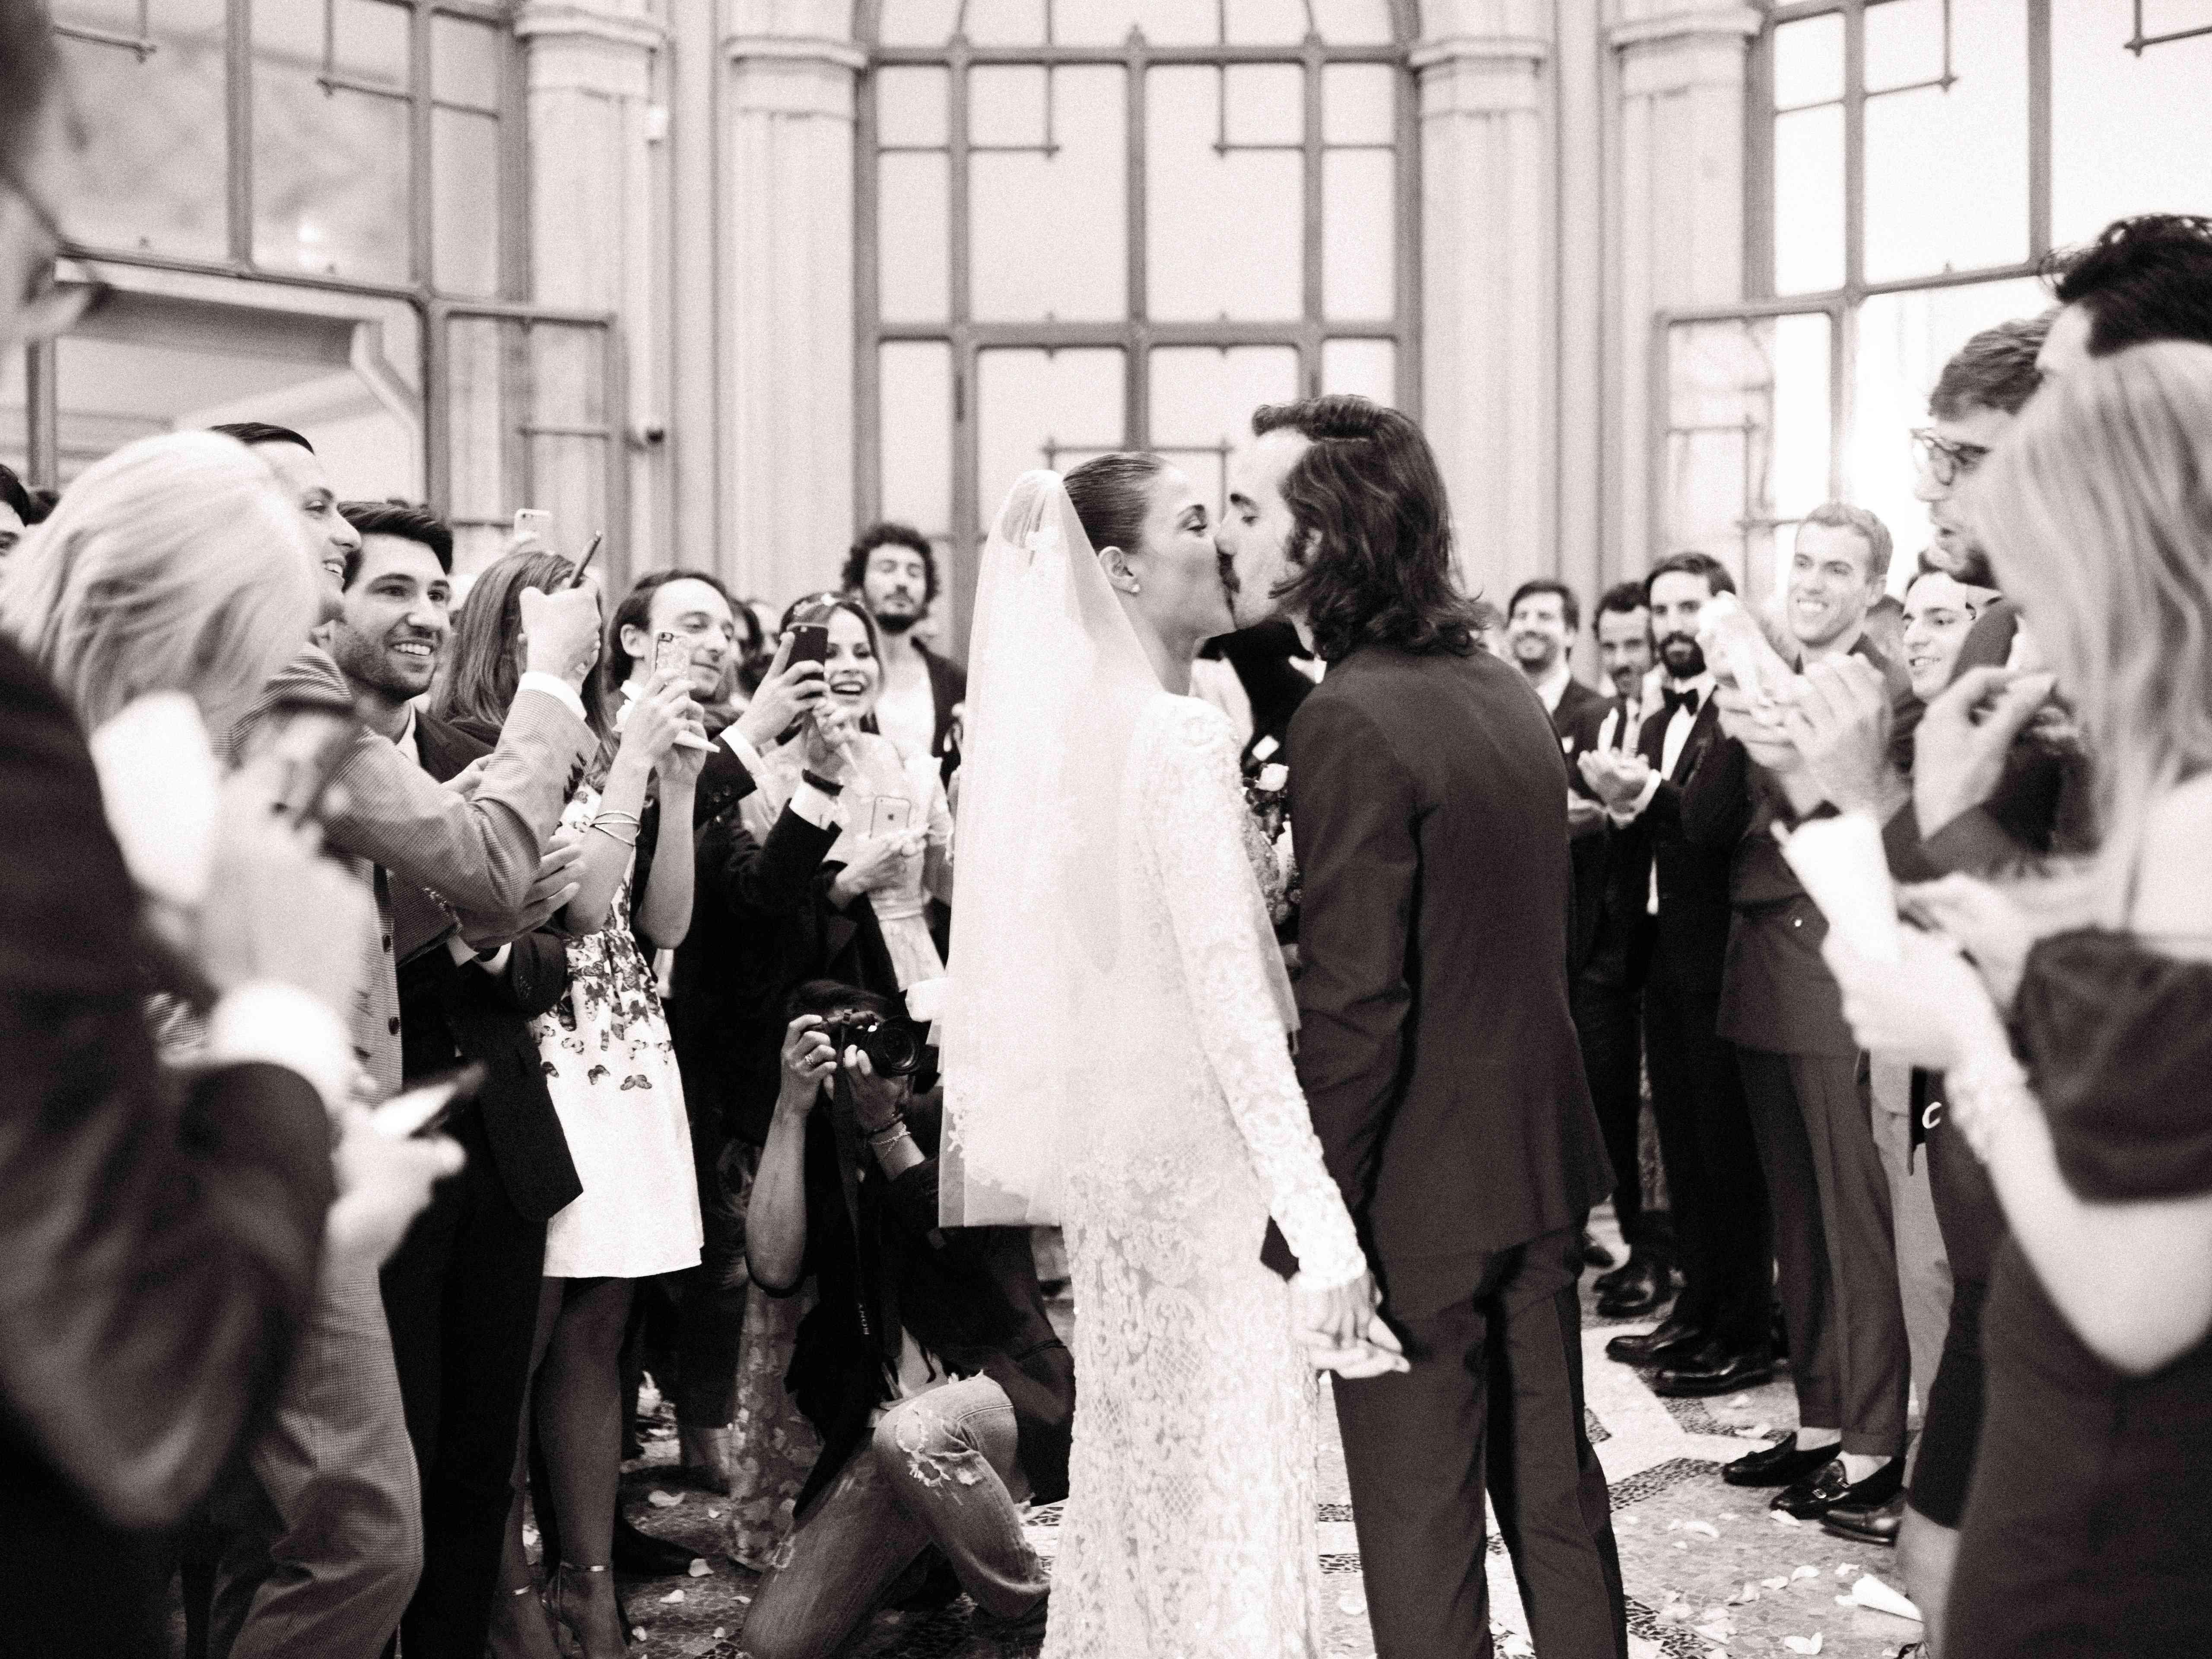 Northern Italian Wedding, Bride and Groom Kiss